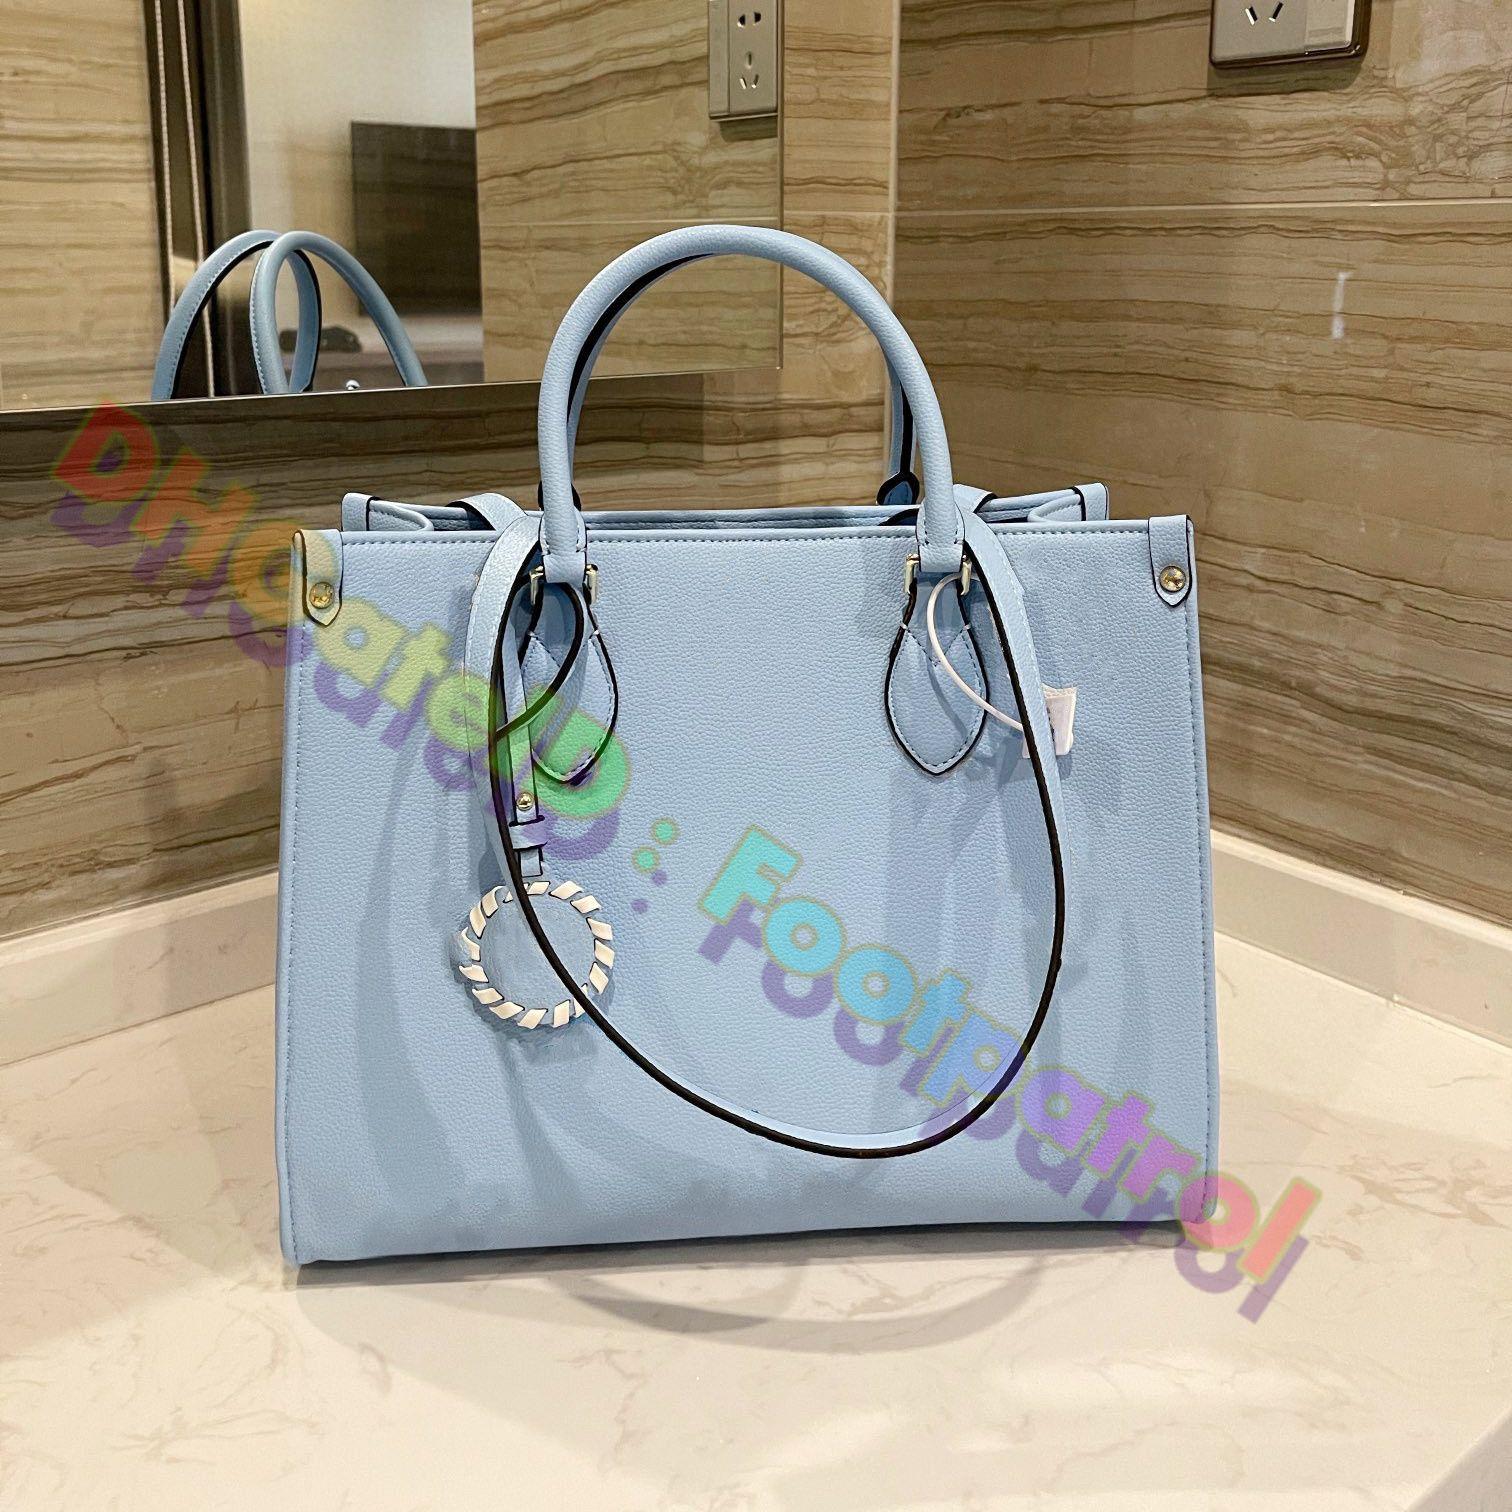 2021 Bayanlar Büyük Alışveriş Çantası Kadın En Kaliteli Kova Tote Çanta Deri Hobos Lady Moda Omuz Çantaları Luxurys Tasarımcılar Çanta Debriyaj Çanta Cüzdan